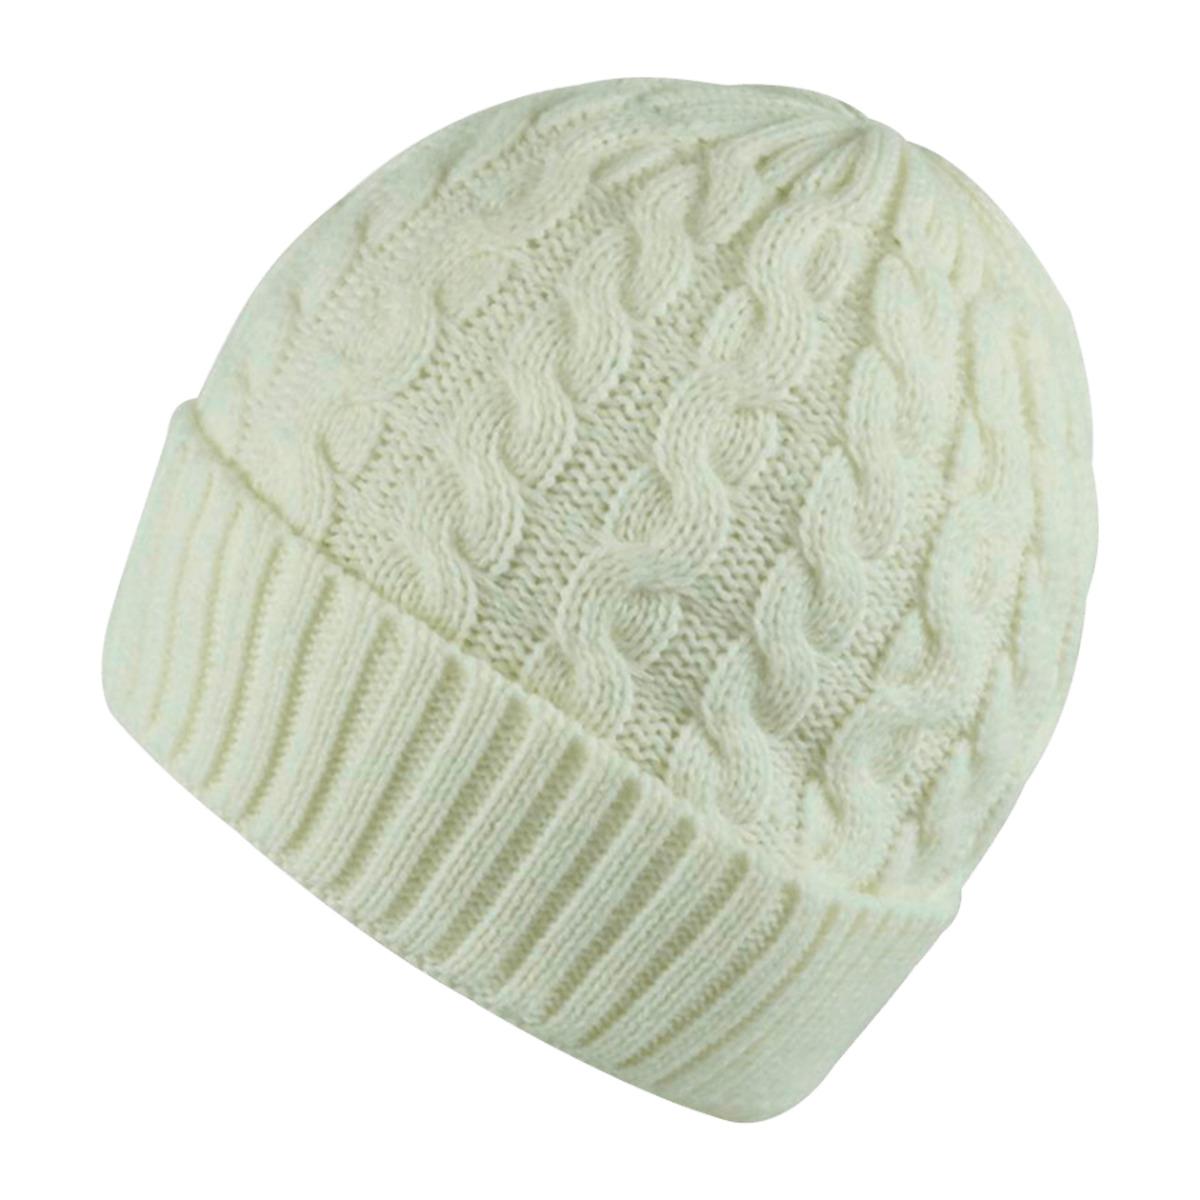 Bild 3 von ACTIVE TOUCH     Strickmütze / -handschuhe / Stirnband